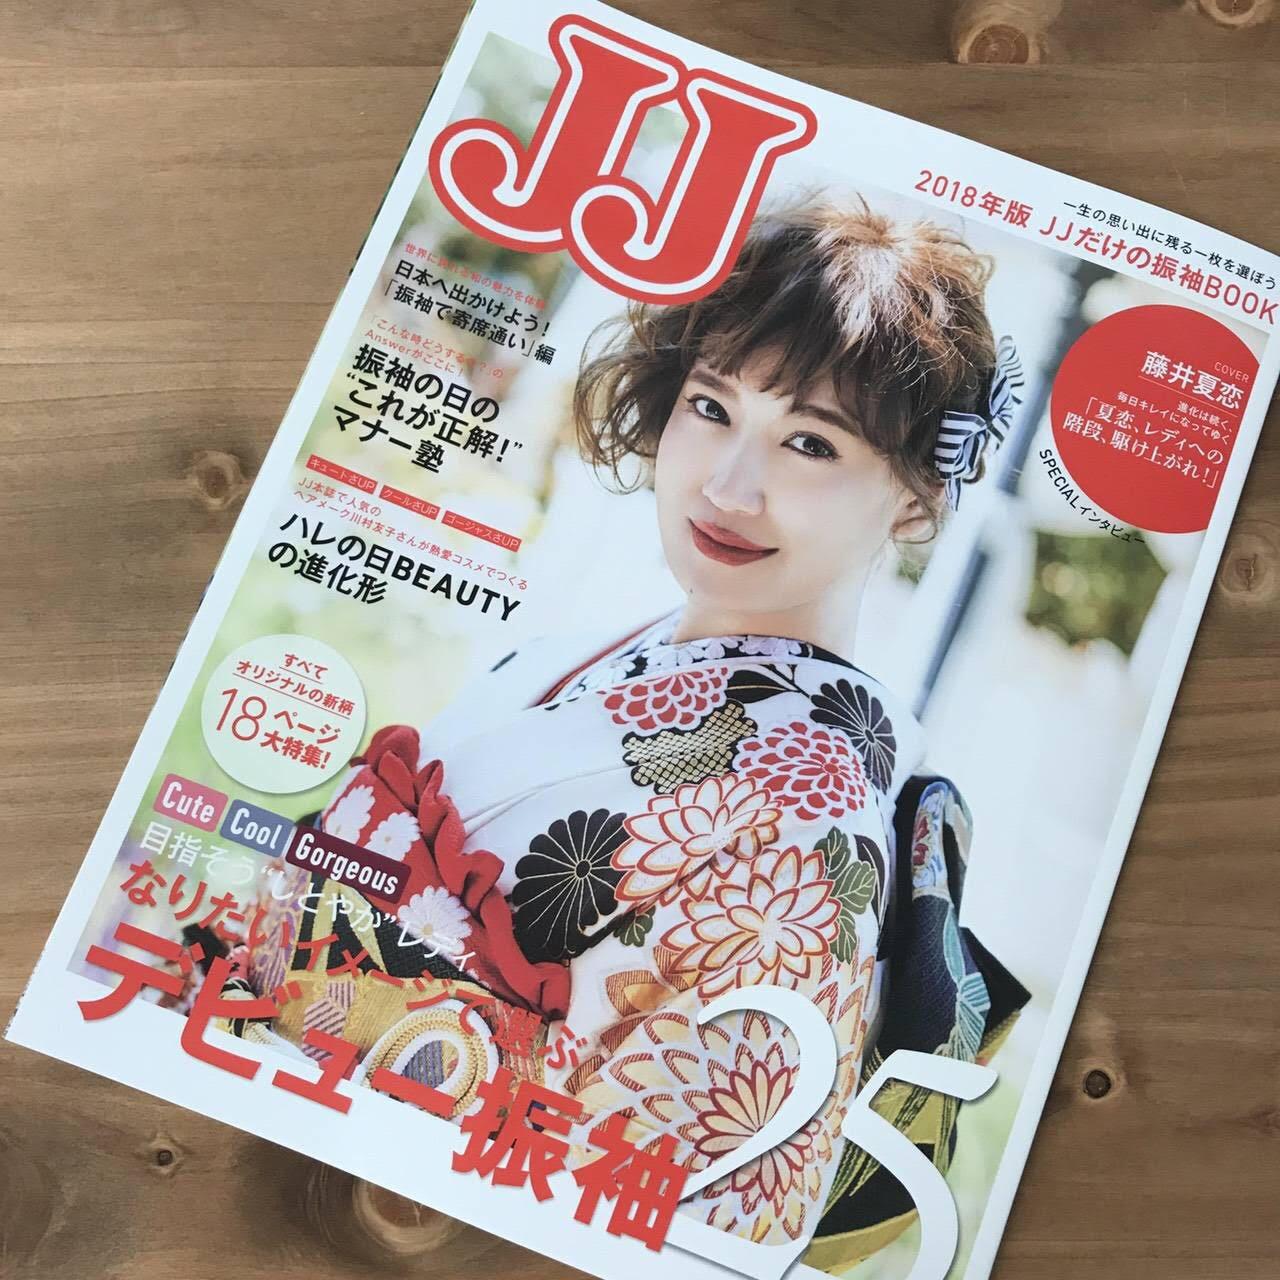 【藤井夏恋がCOVER♡】2018年版 JJだけの振袖BOOK、発売!